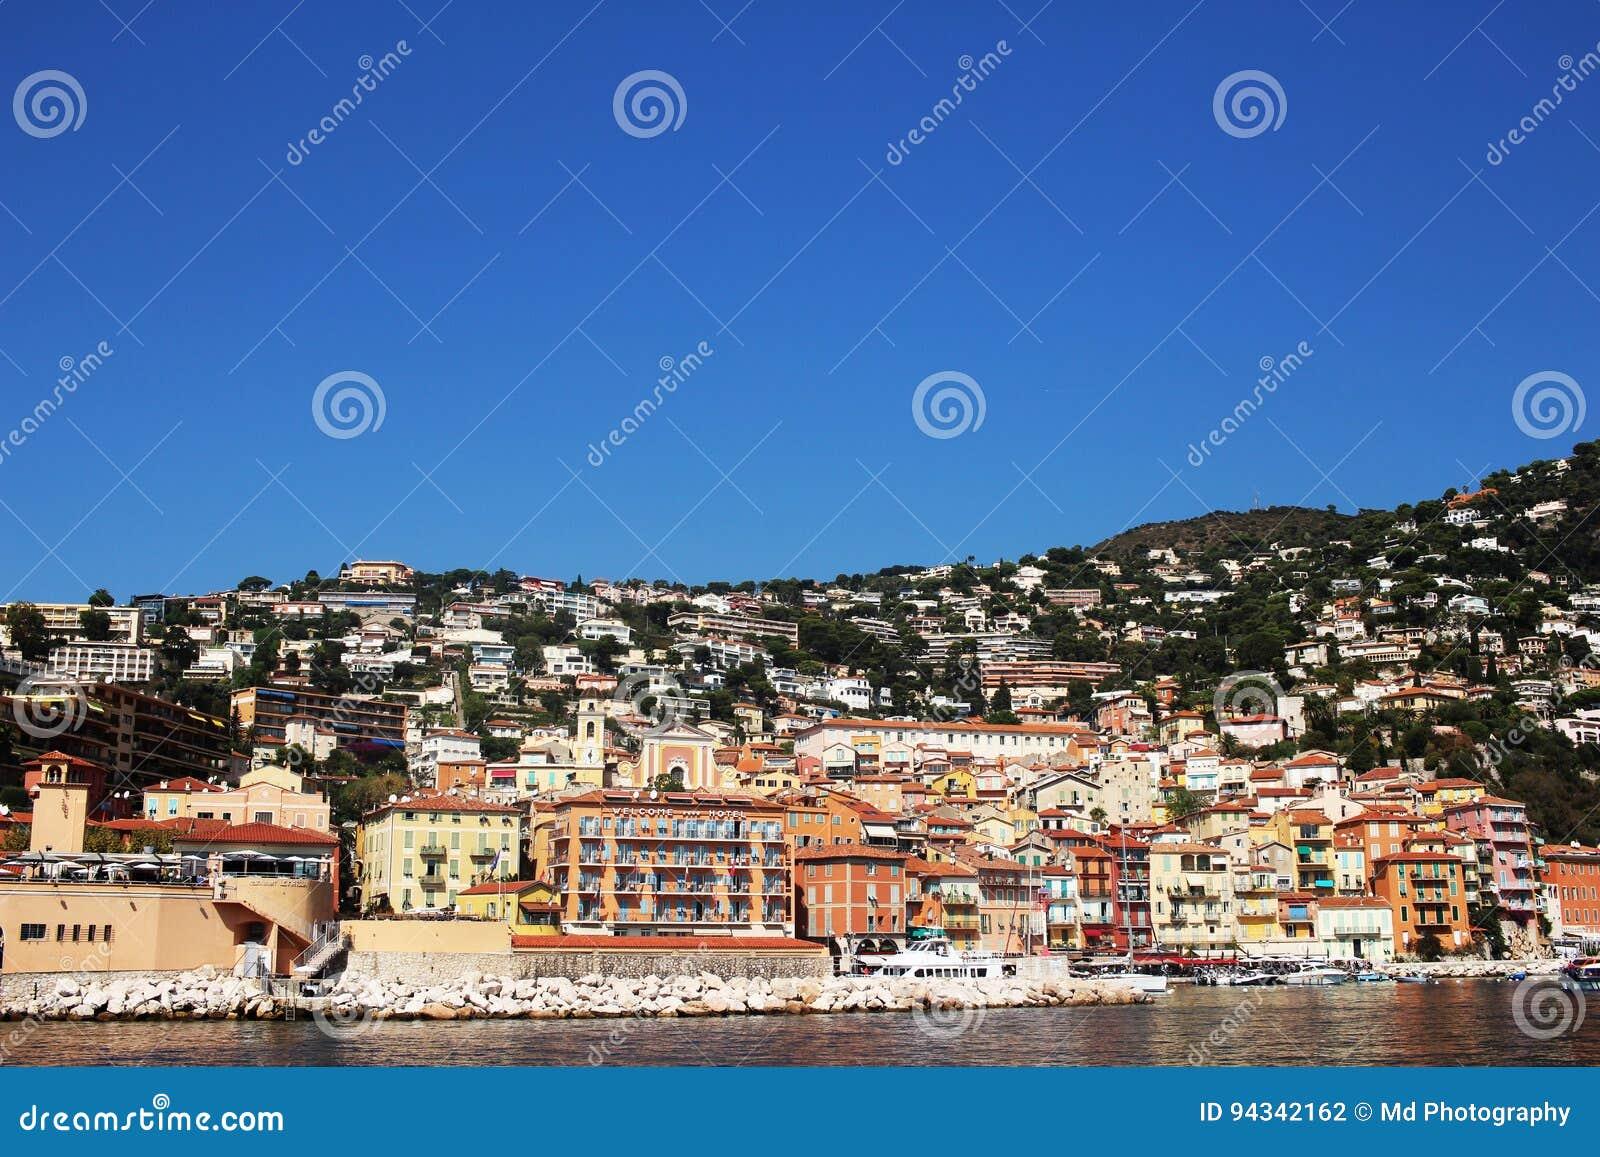 AGRADABLE, FRANCIA - CIRCA 2016: El puerto de Villefranche en Niza, ésta es un puerto popular del barco de cruceros